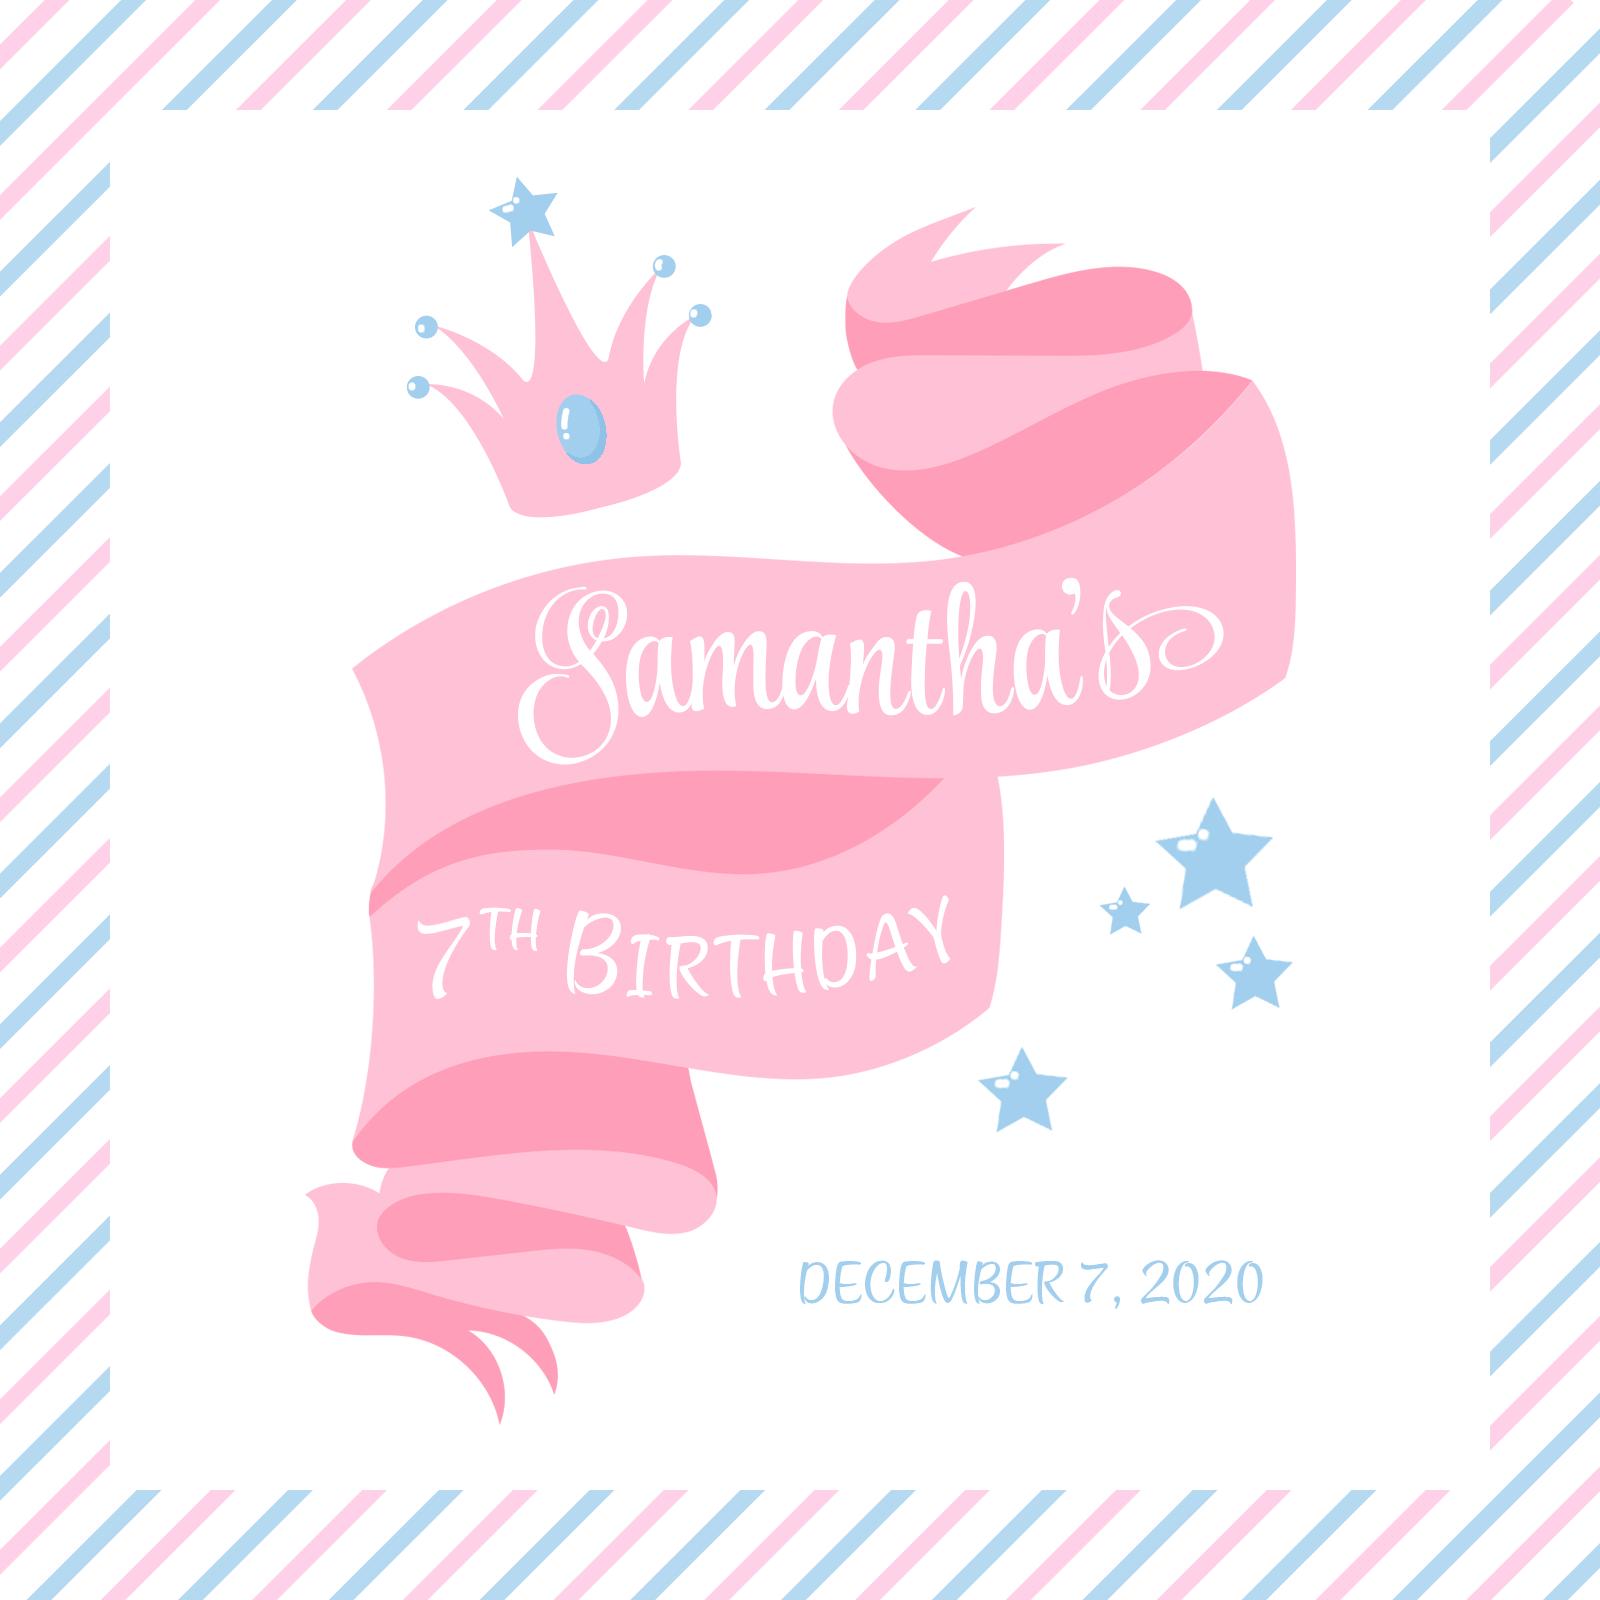 samantha01_splash